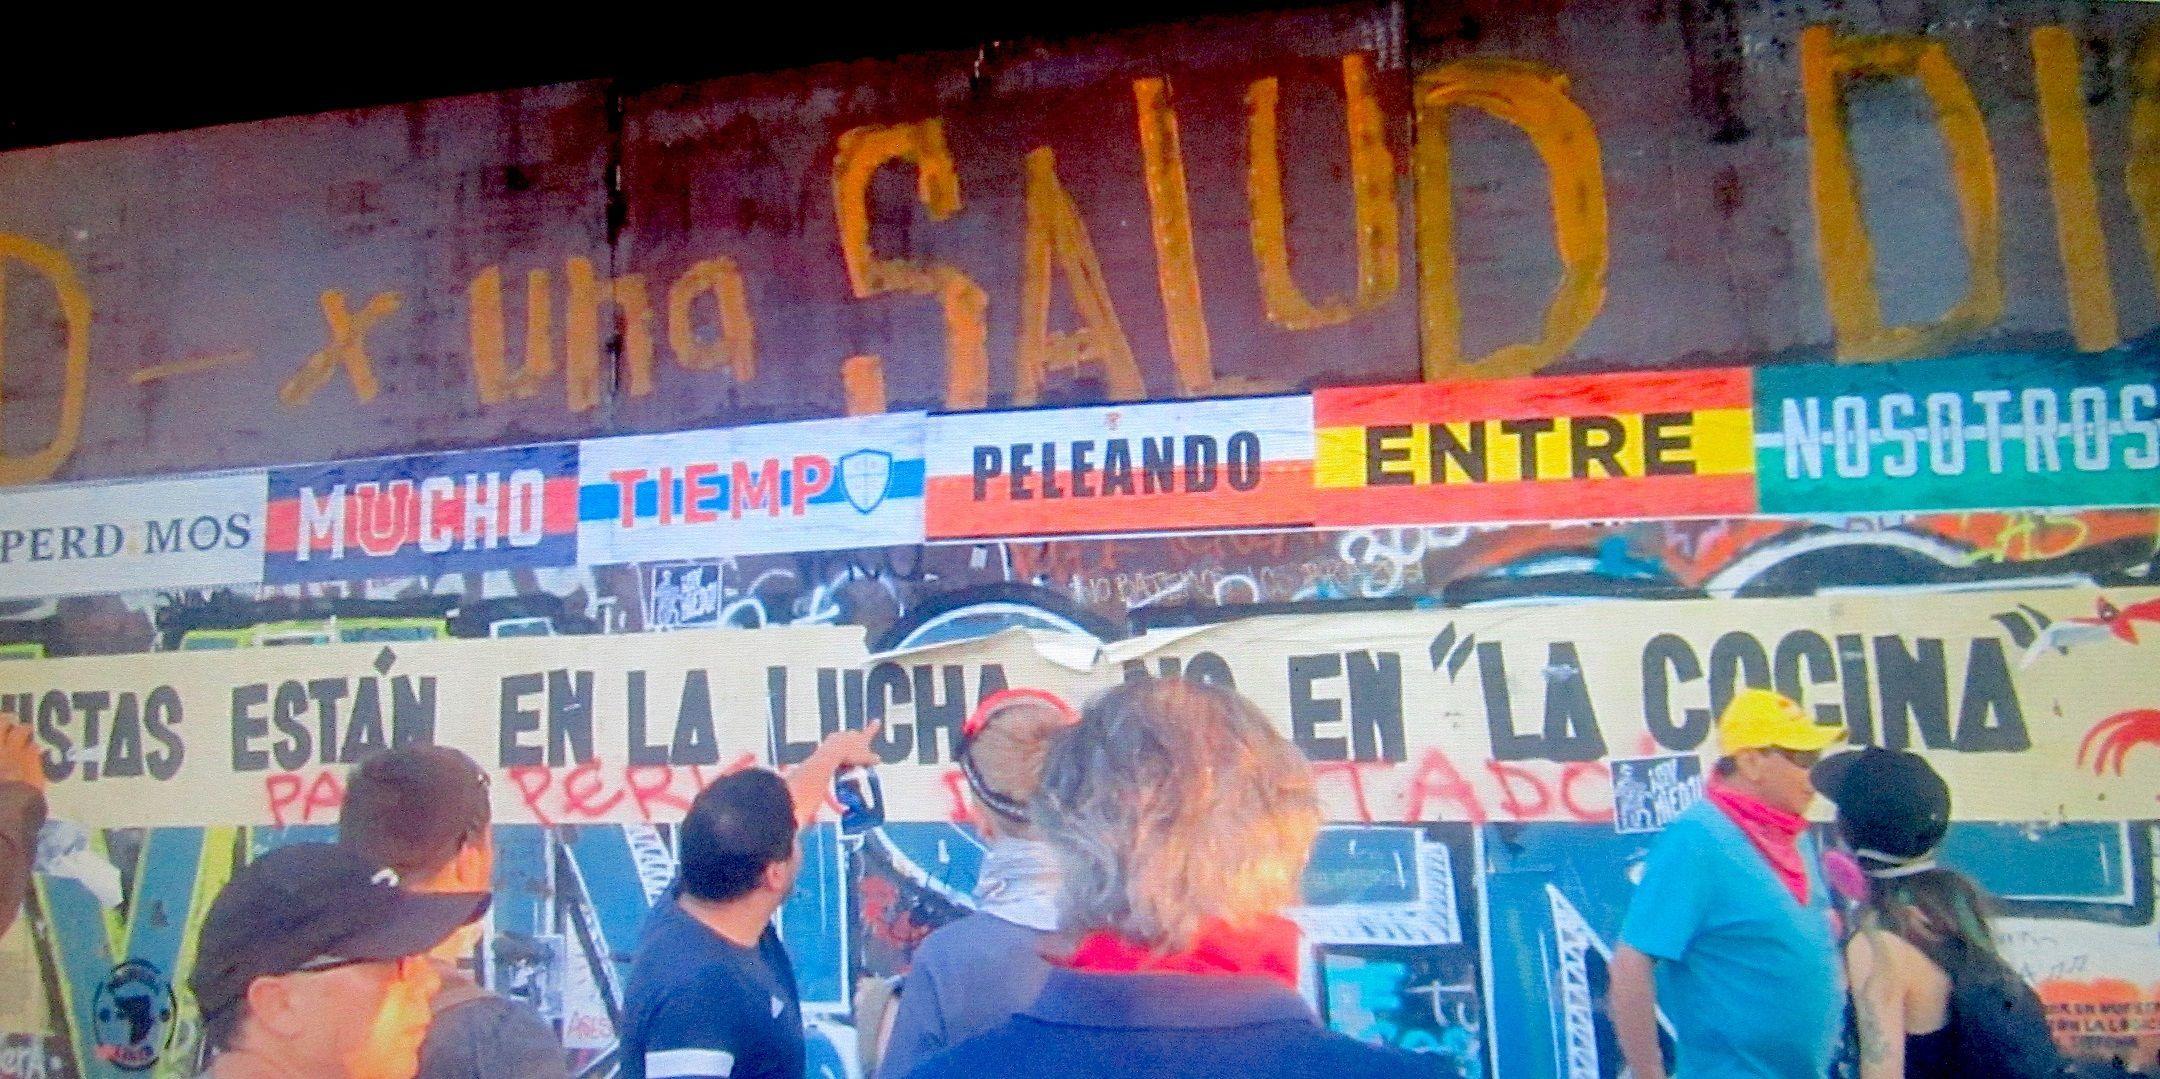 Perdimos mucho tiempo peleando entre nosotros, cartel celebra la unión de las barras contra el Gobierno chileno